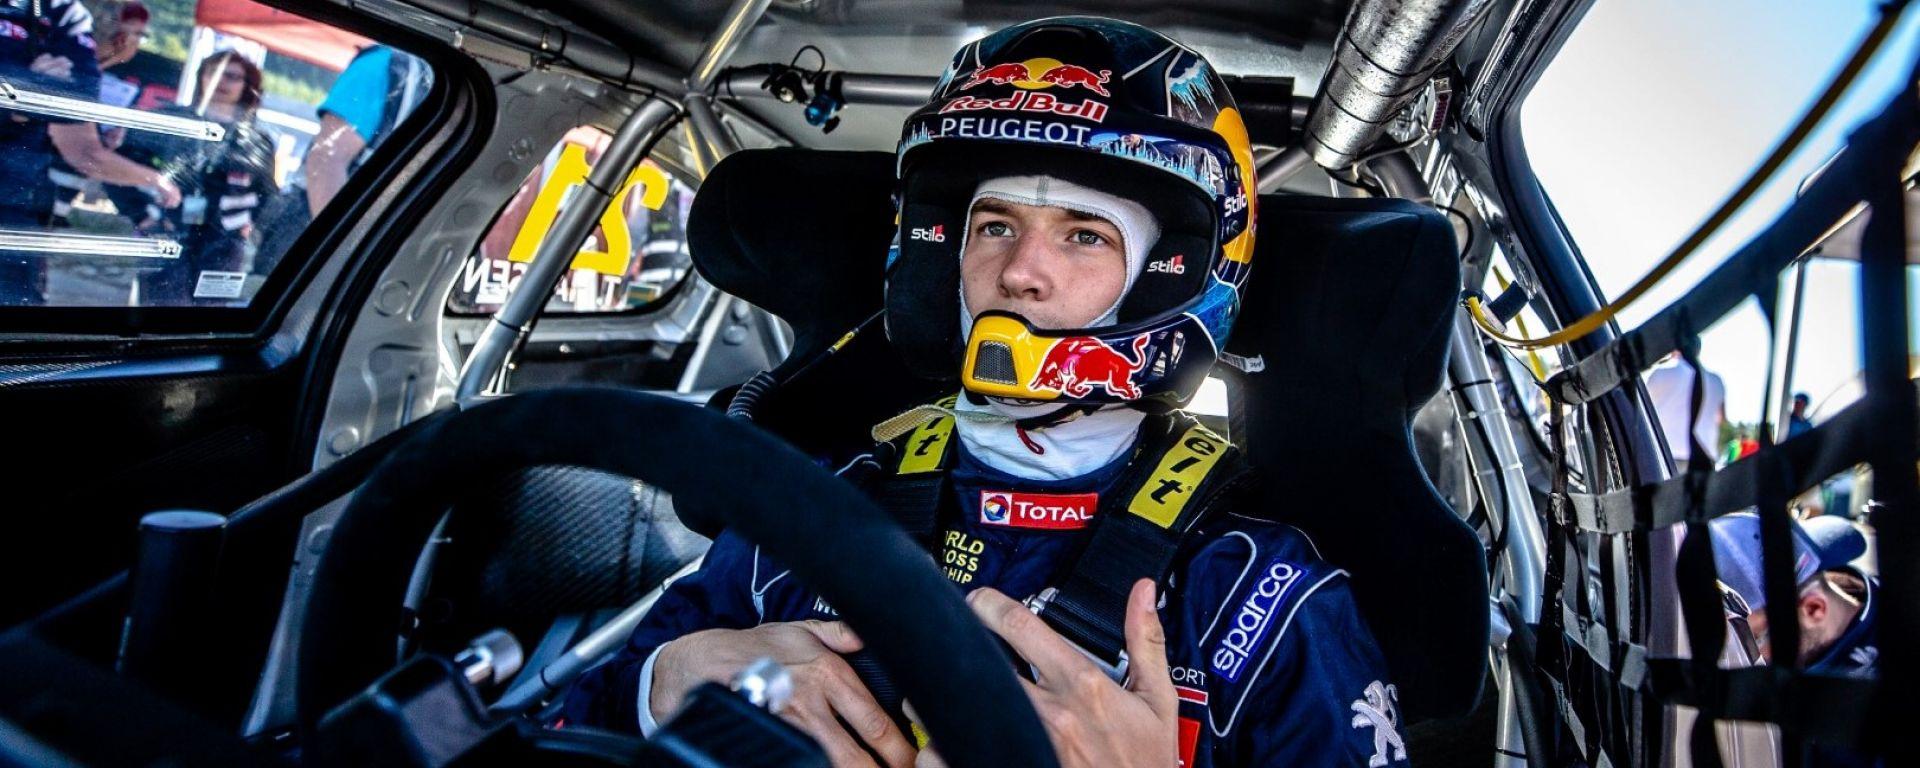 Rallycross 2018: le dichiarazioni degli uomini Peugeot dopo il GP di Holjes